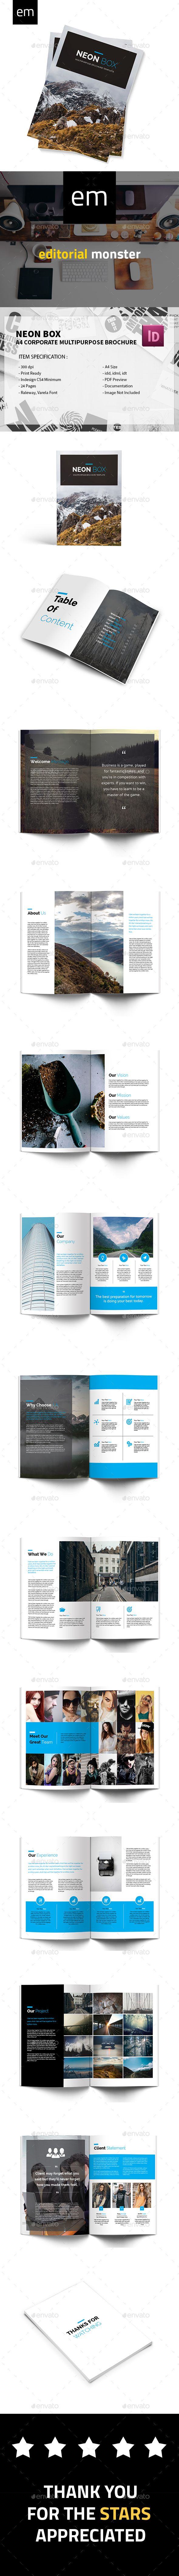 Neon Box - A4 Corporate Multipurpose Brochure